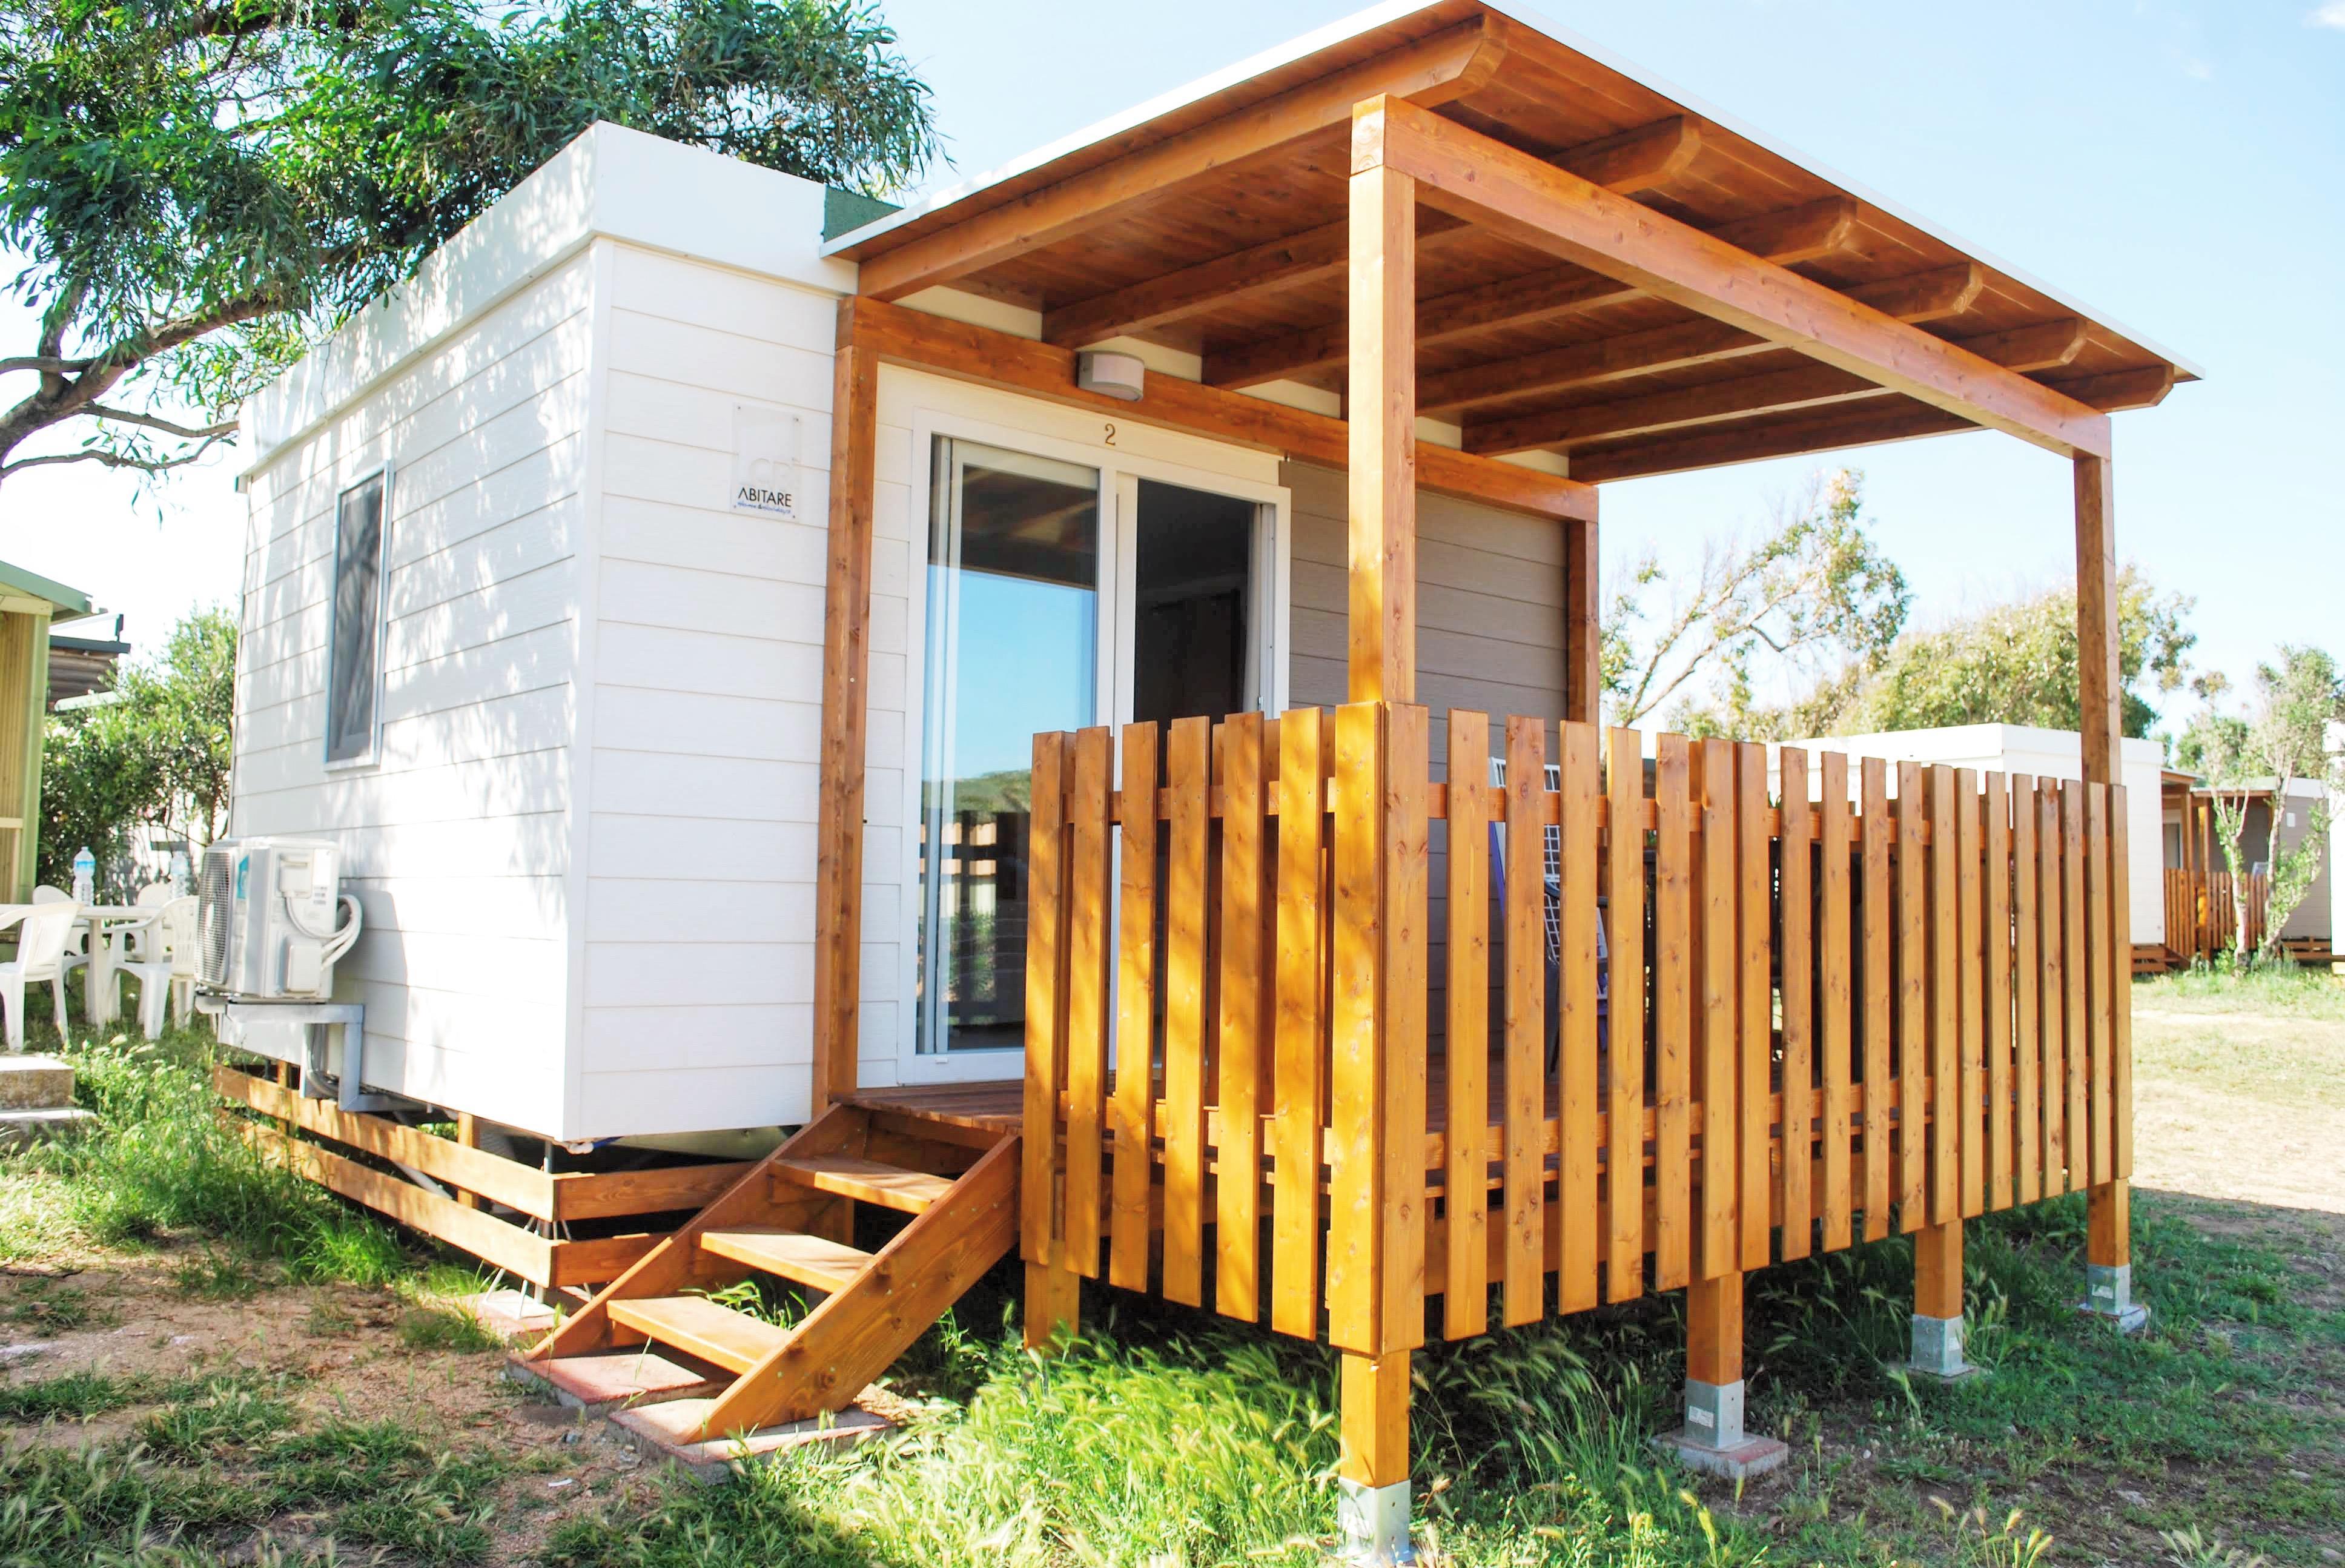 Location - Mini Suite Aloe - Camping La Liccia